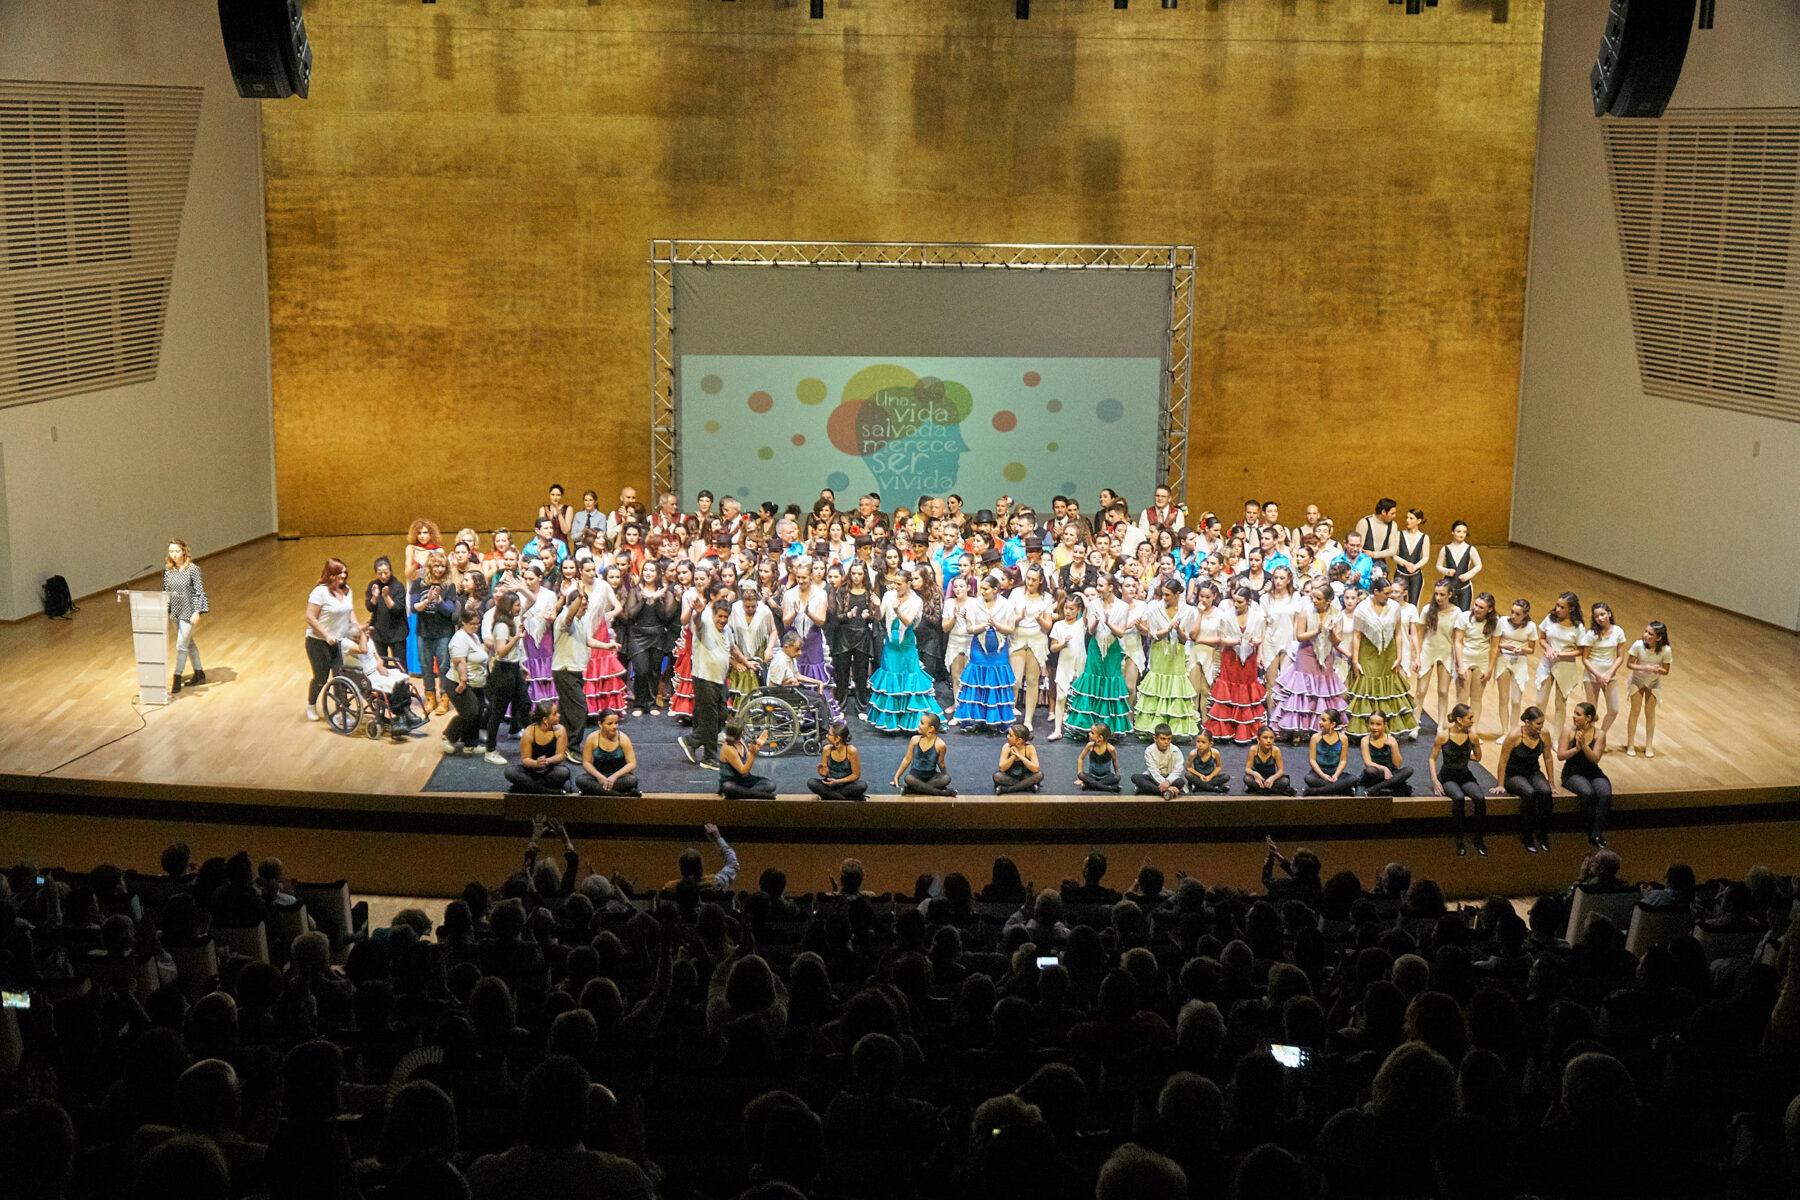 VI Gala de Danza Solidaria de ADACEA Alicante